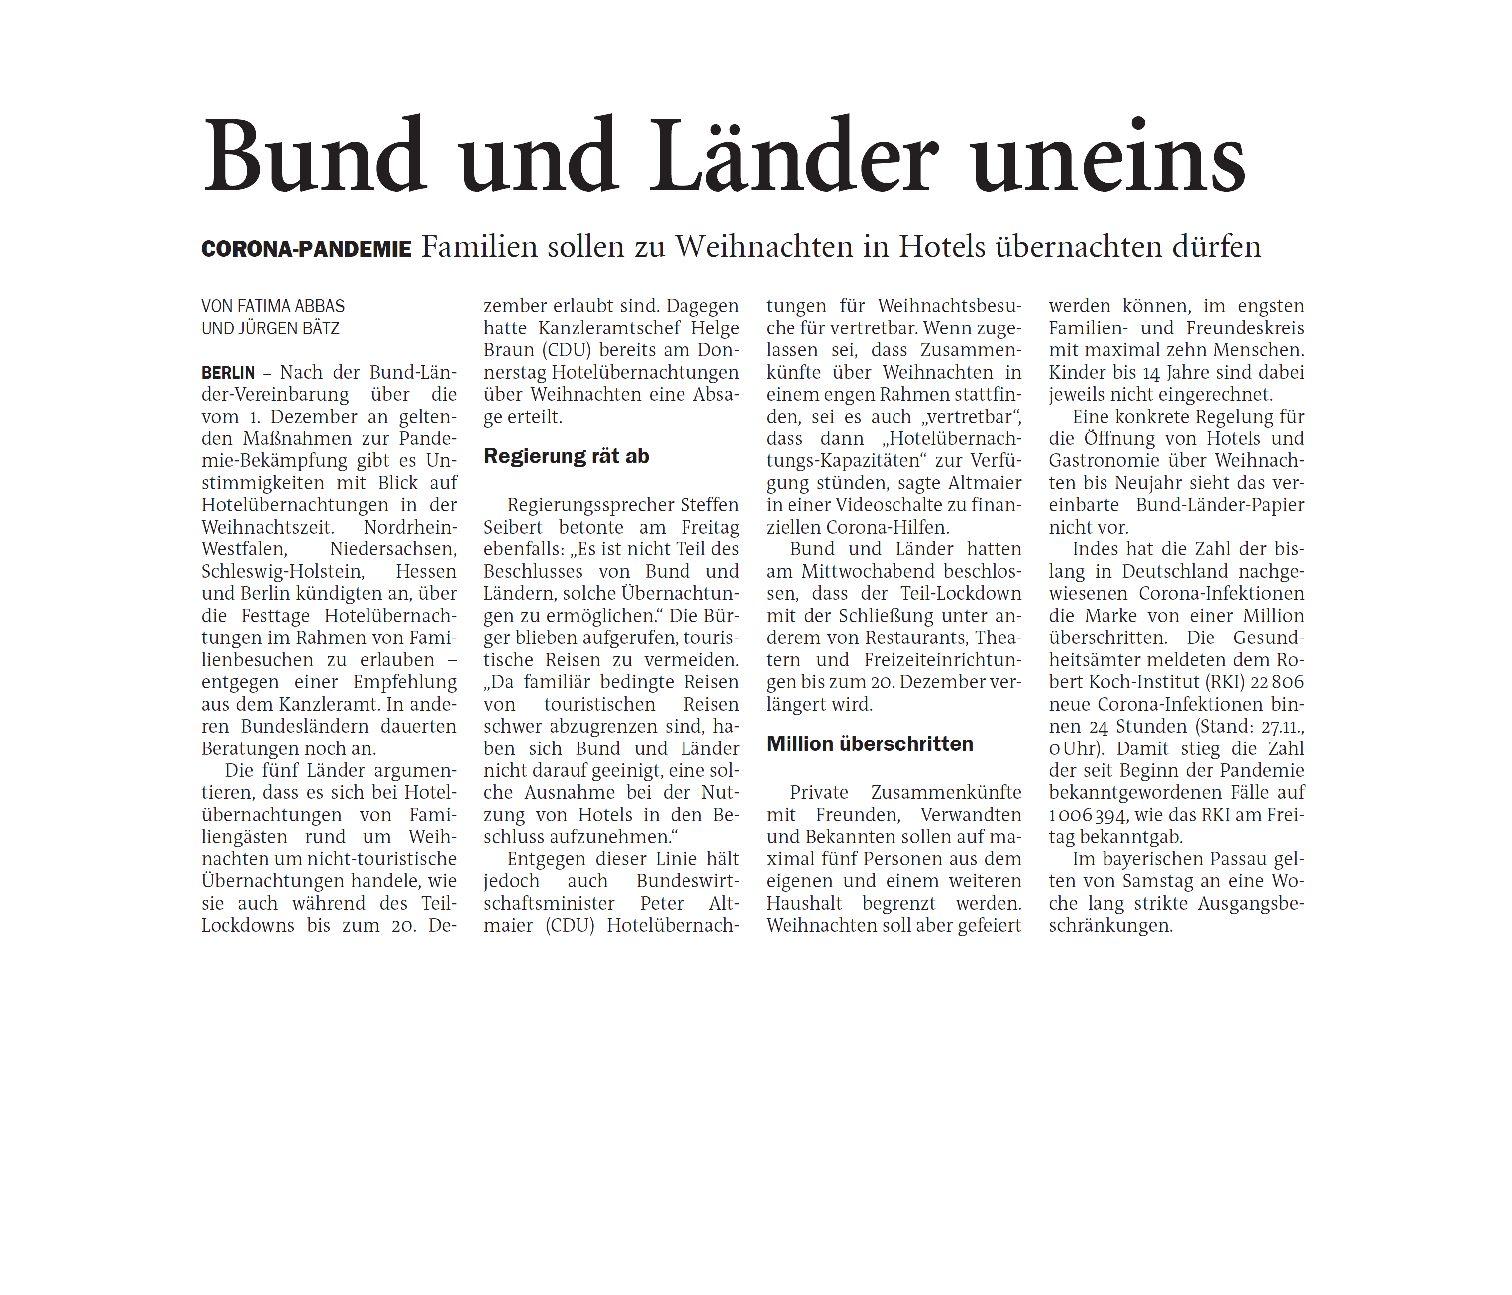 Jeversches Wochenblatt 28.11.2020 V